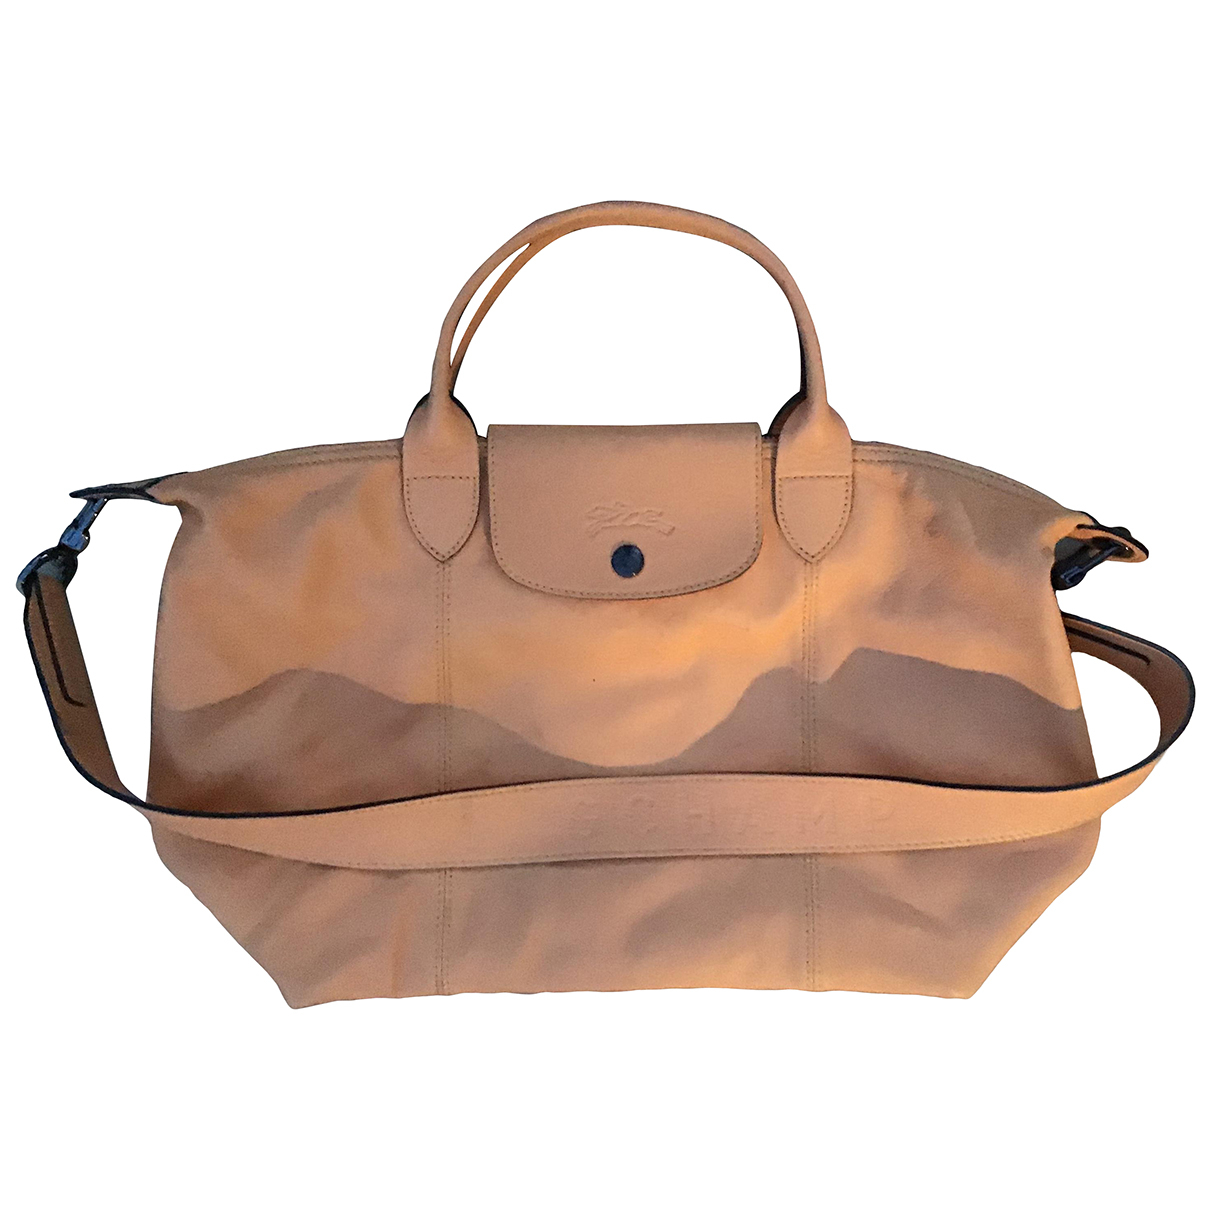 Longchamp - Sac a main Pliage  pour femme en cuir